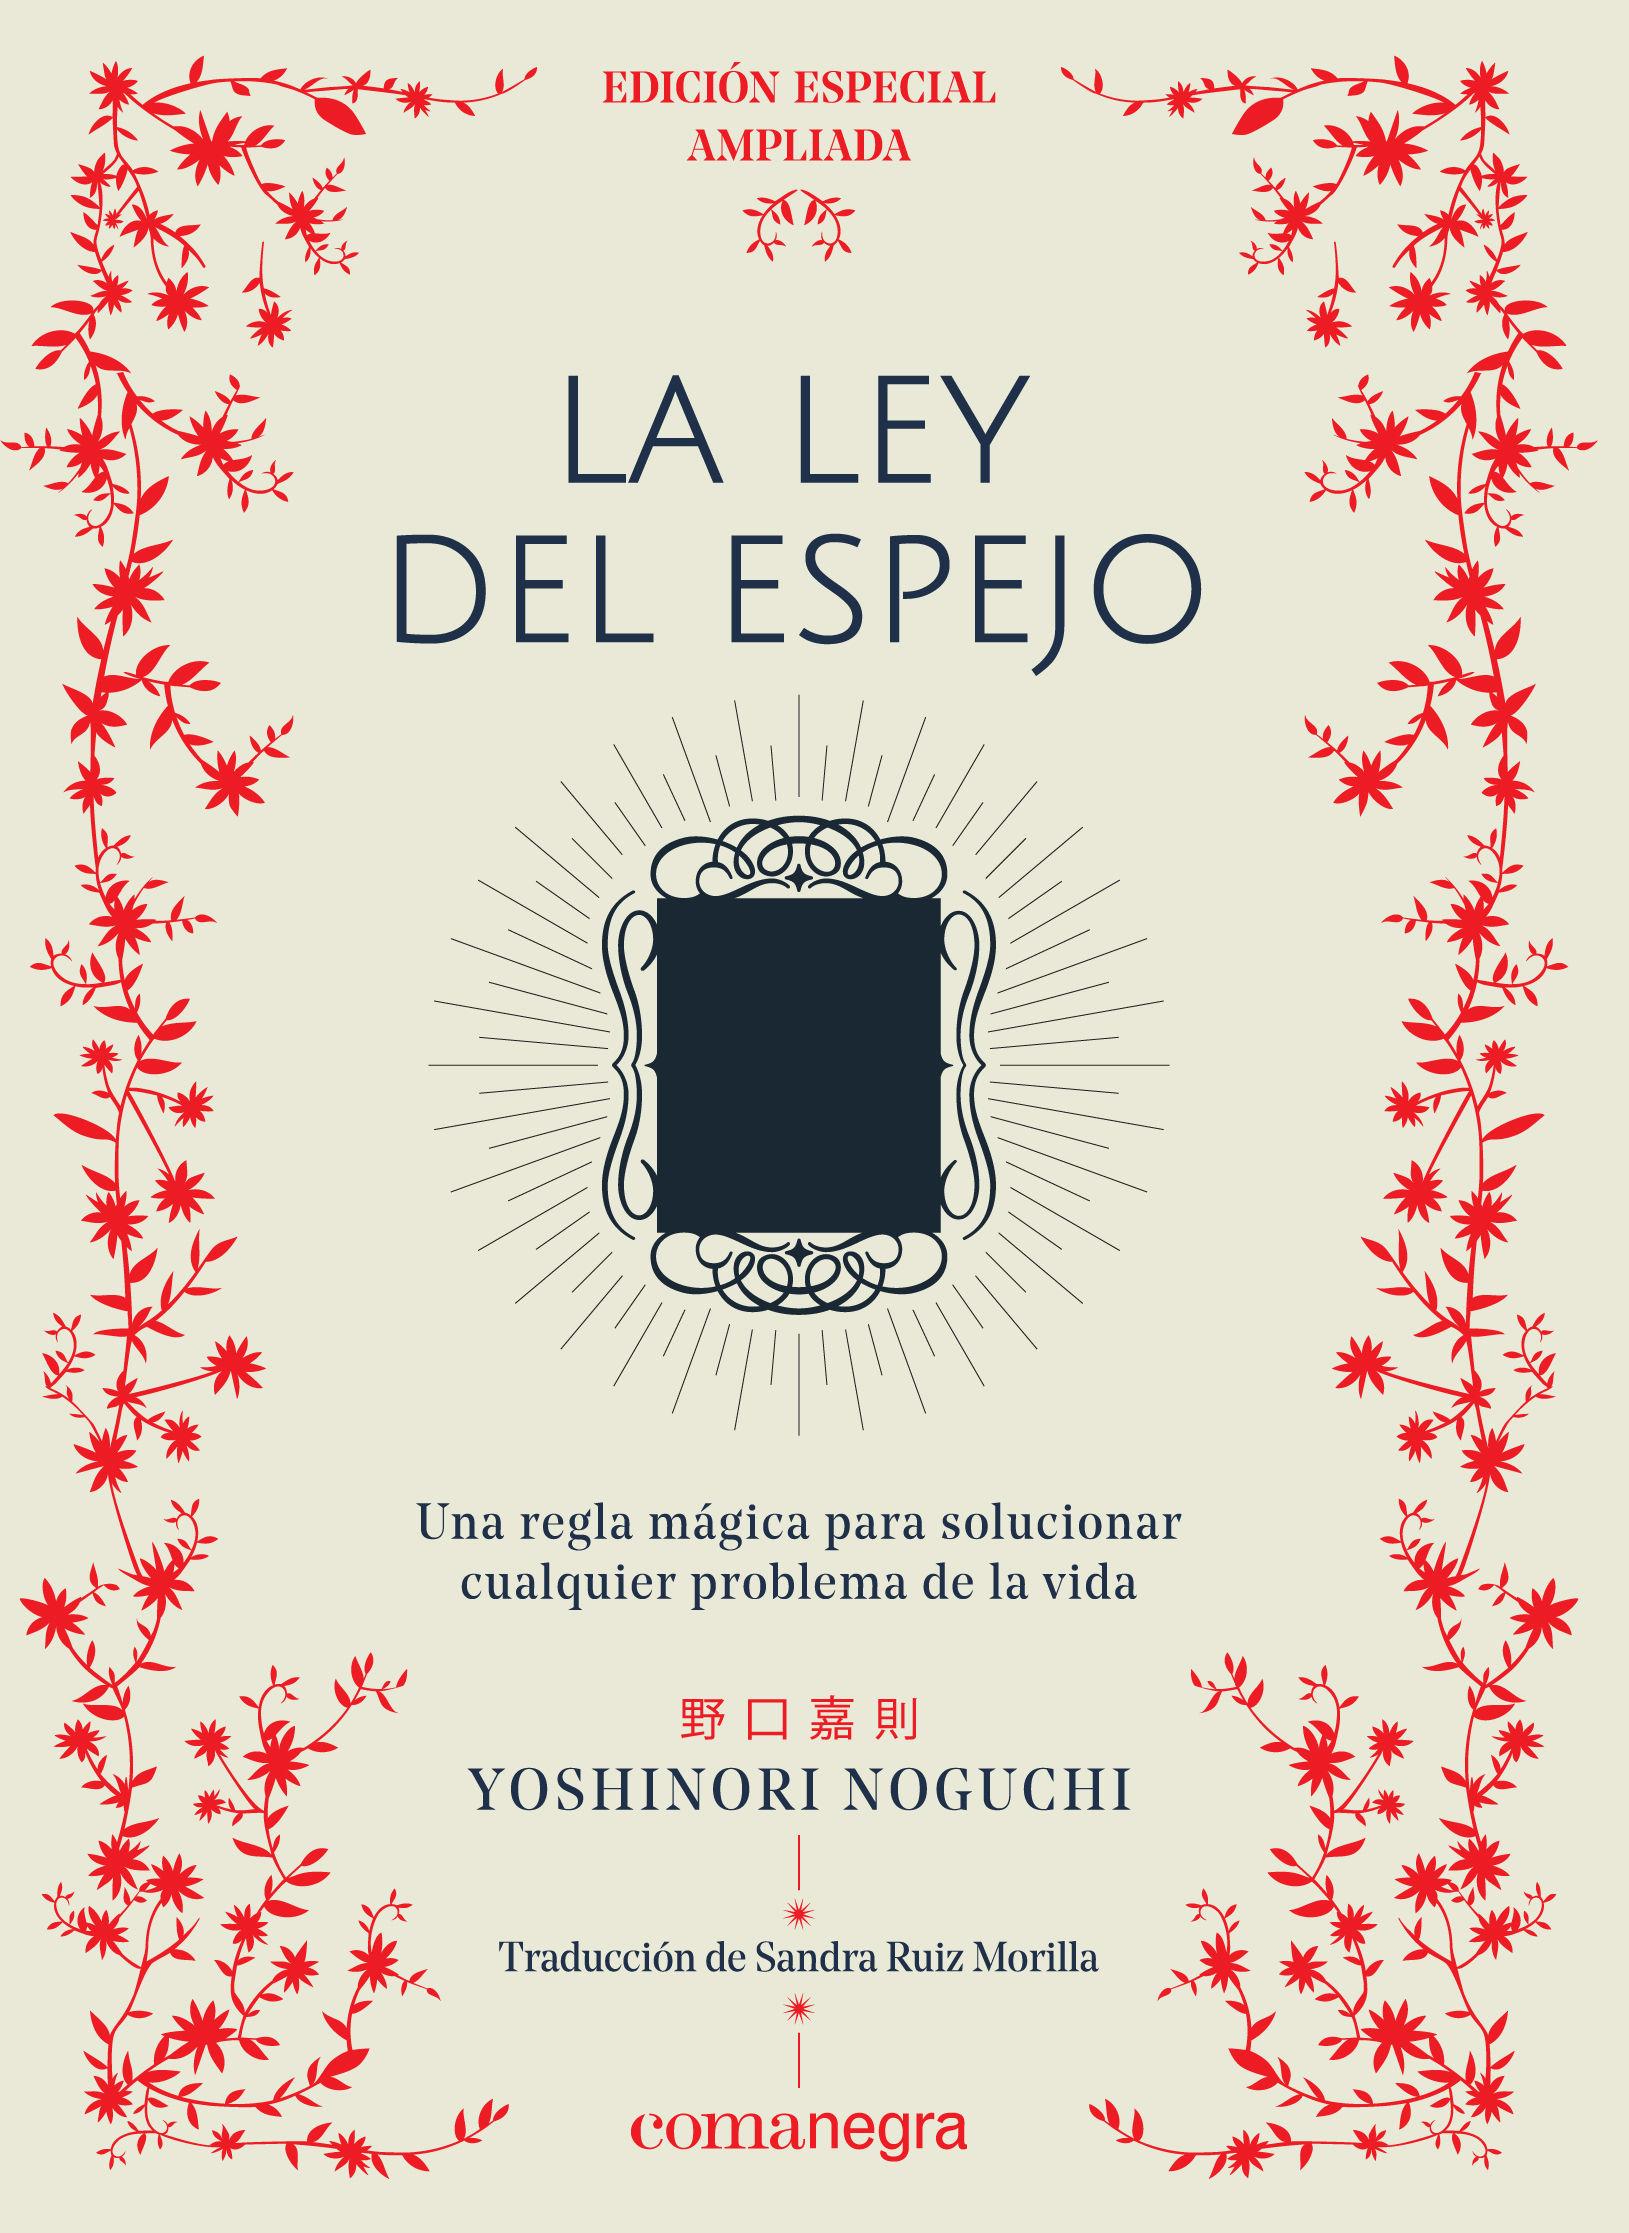 LEY DEL ESPEJO LA EDICION ESPECIAL